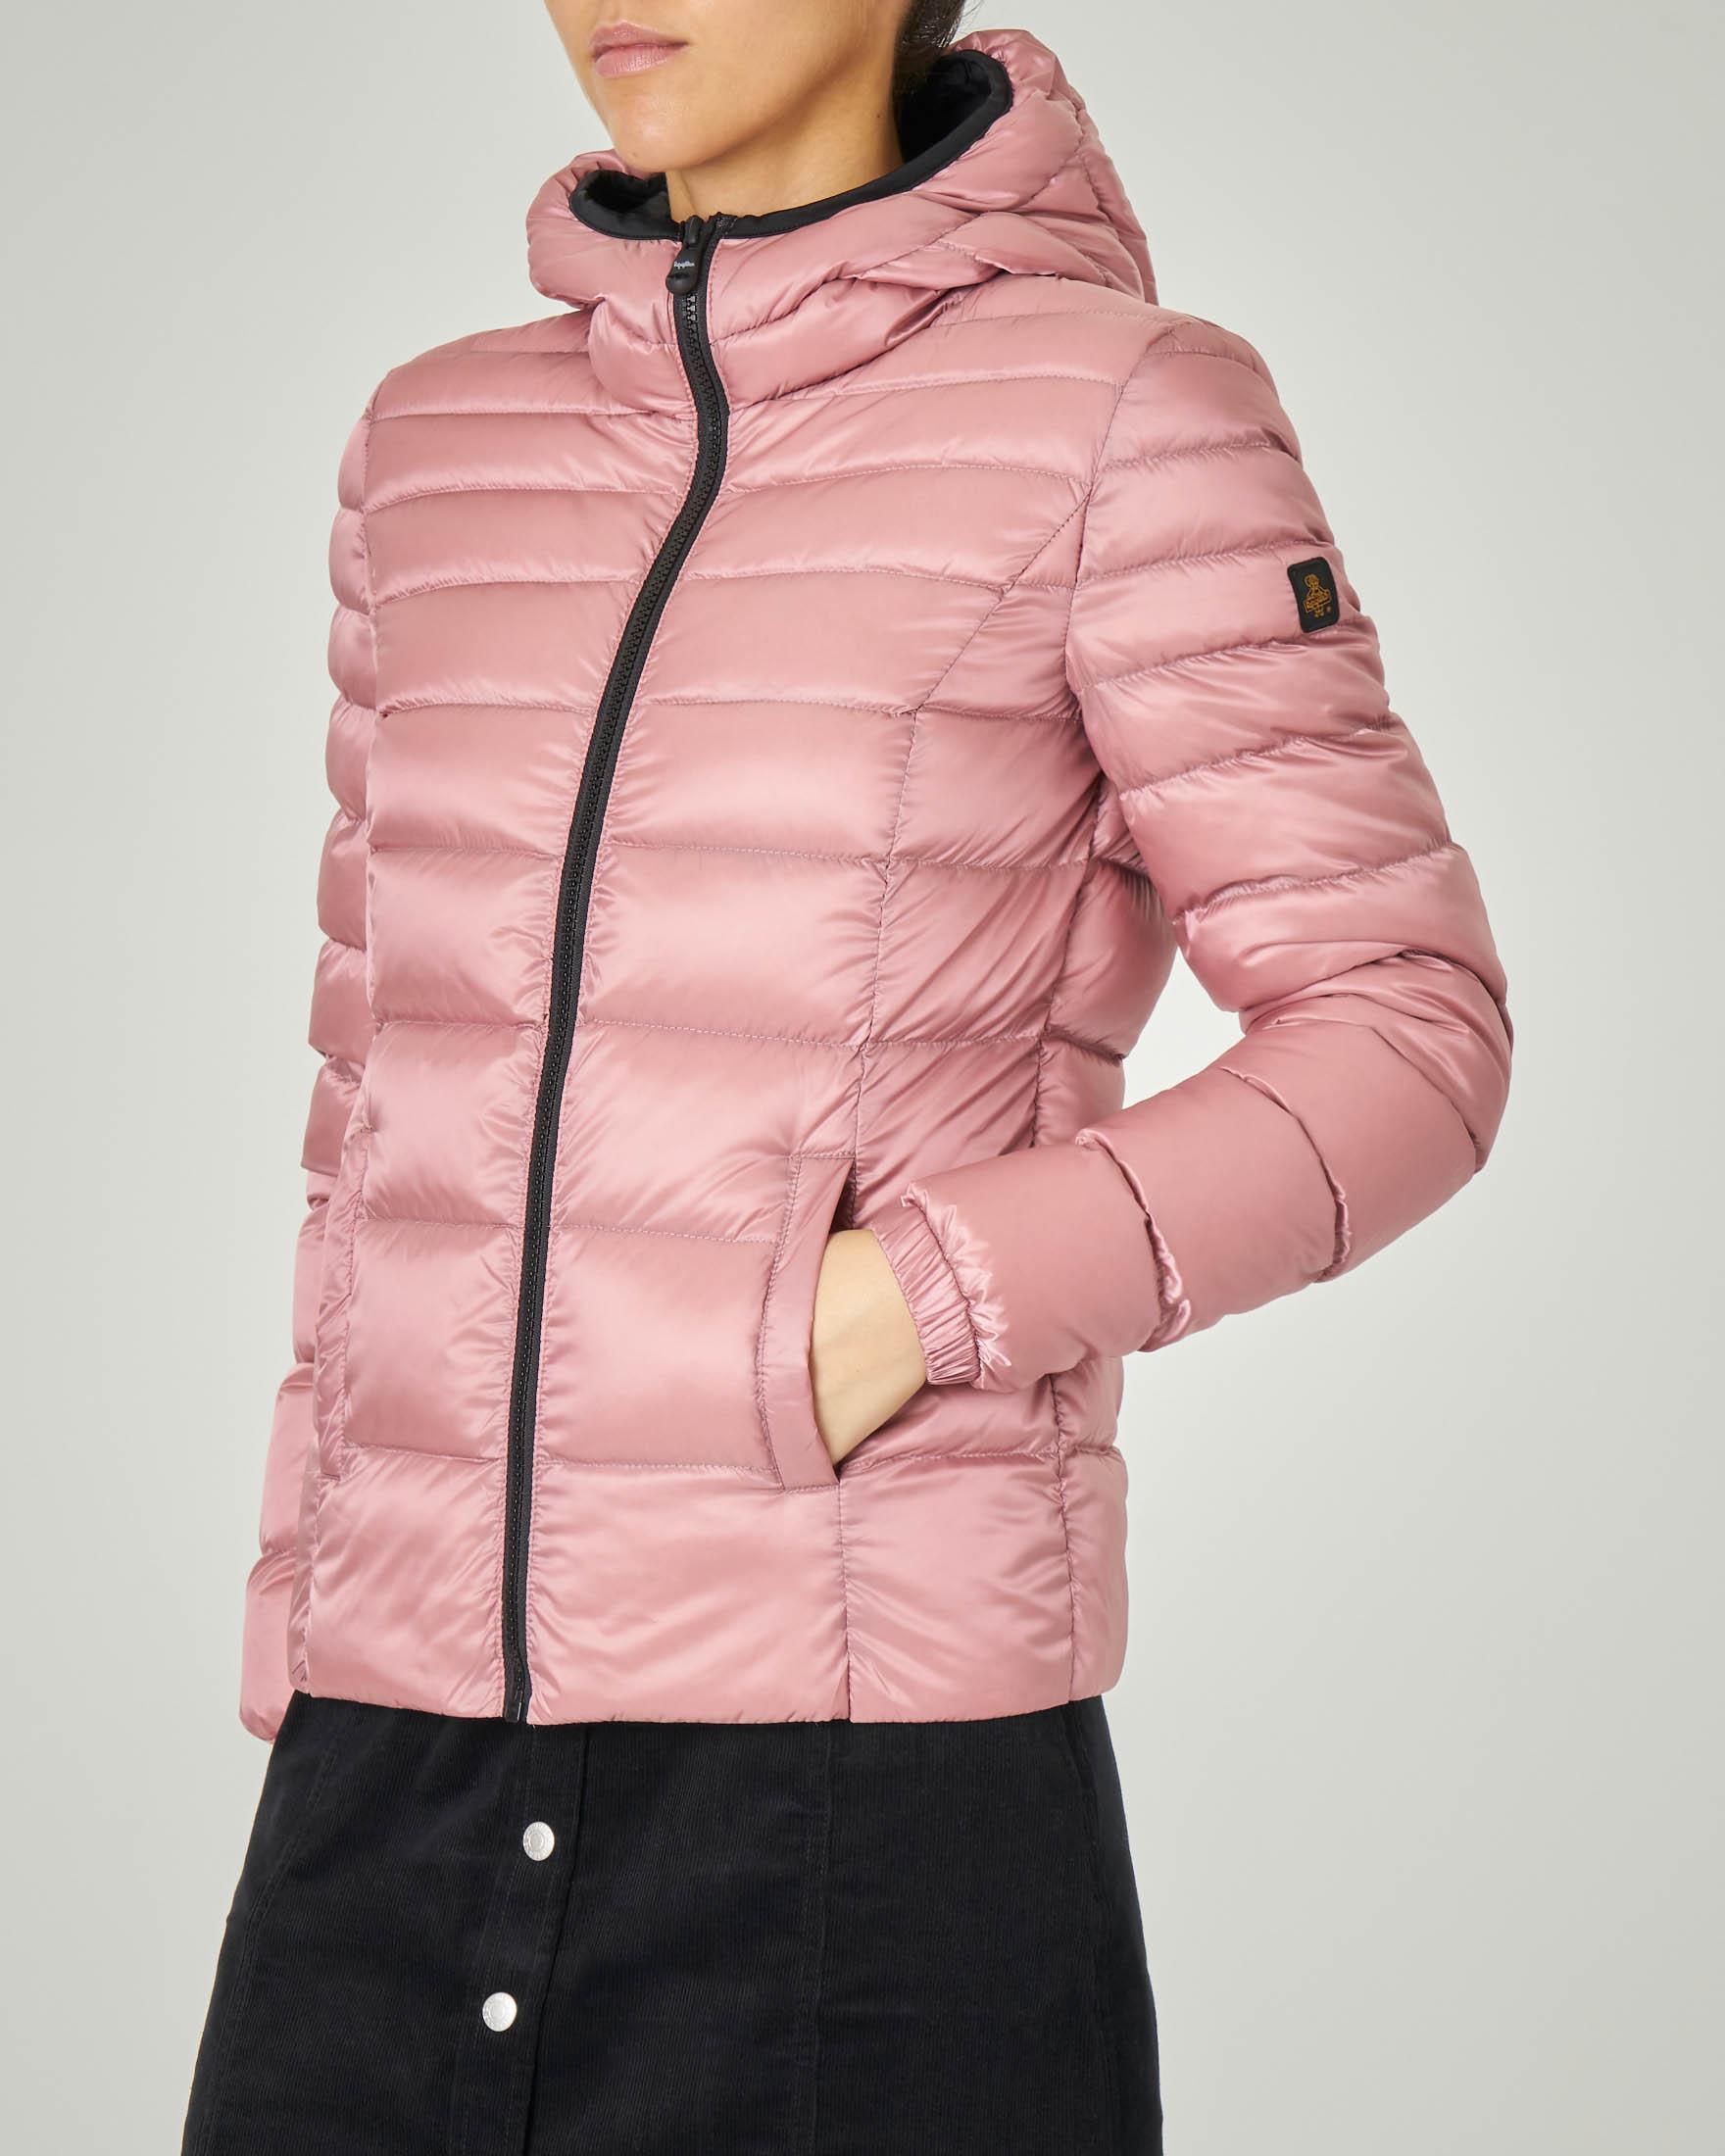 Piumino corto rosa modello Mead Jacket con cappuccio fisso e dettagli a contrasto